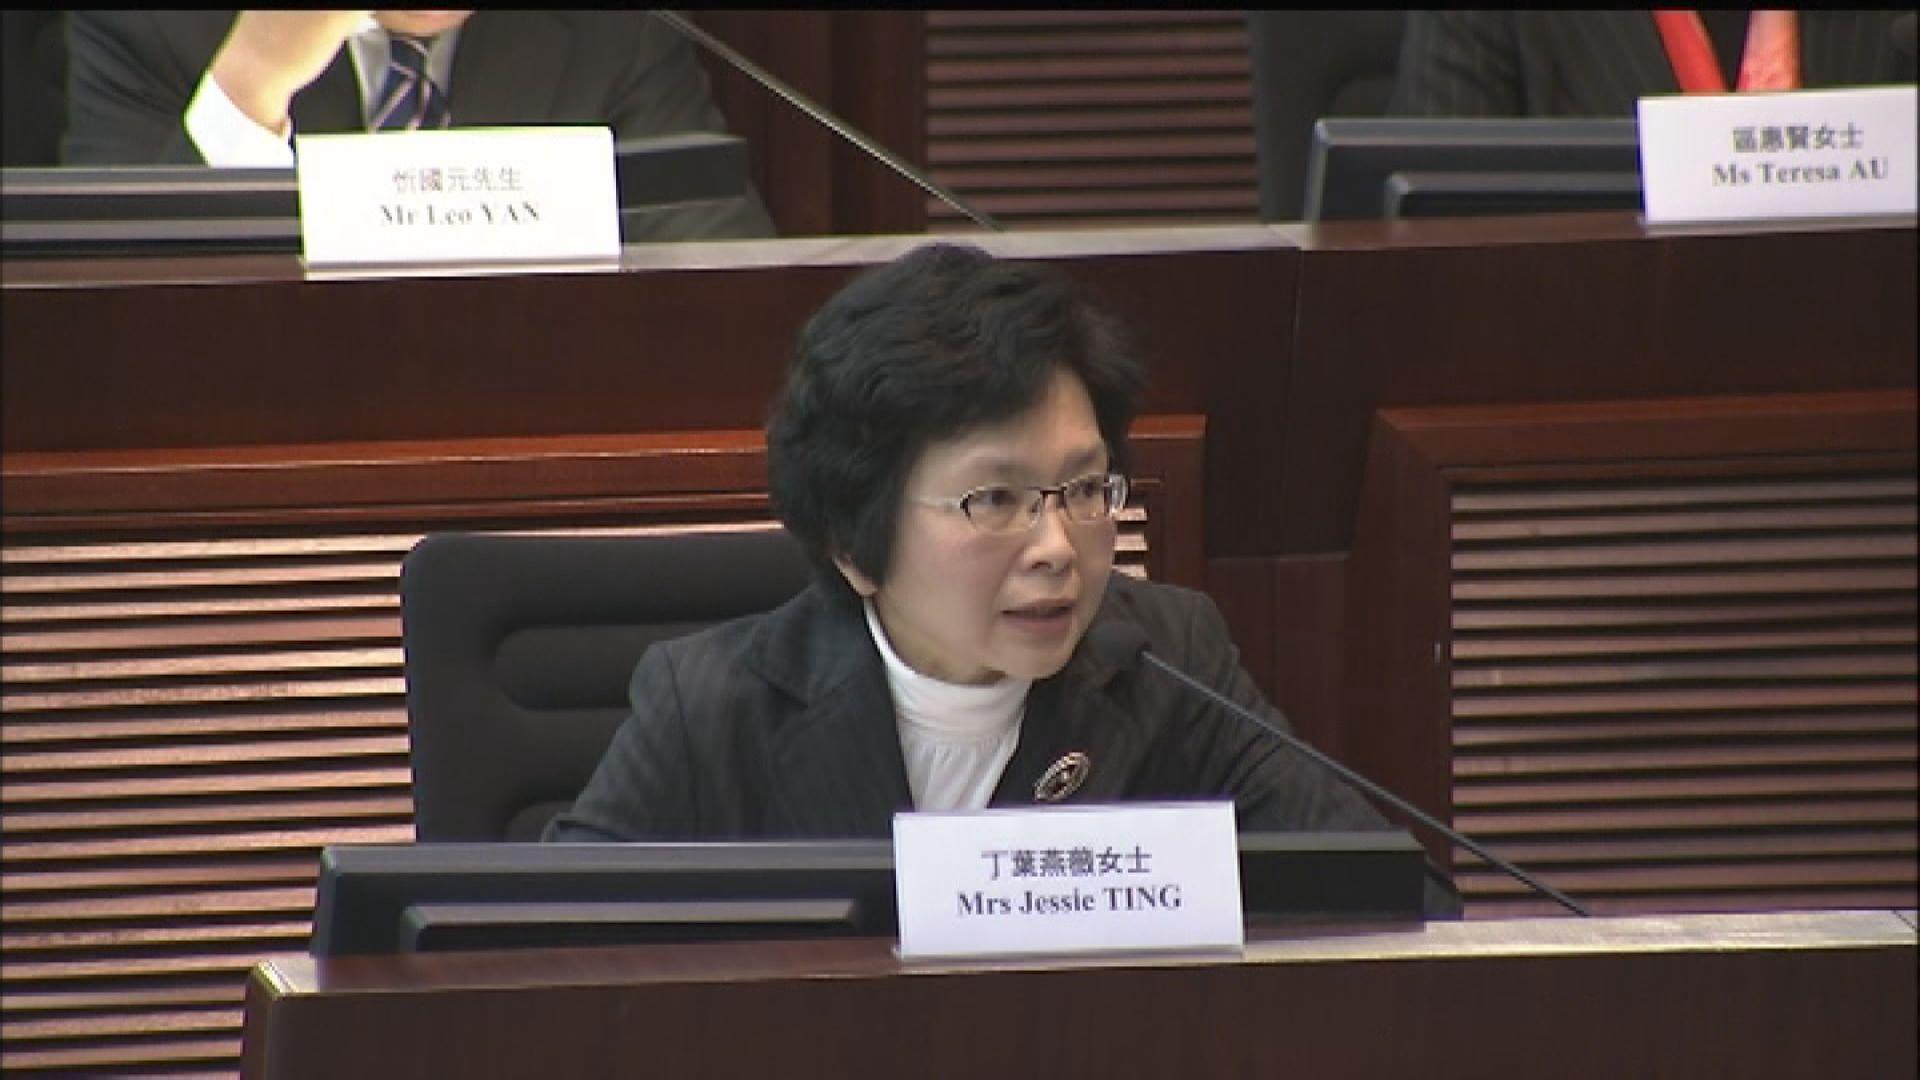 丁葉燕薇任檢討港台管治及管理專責小組主任